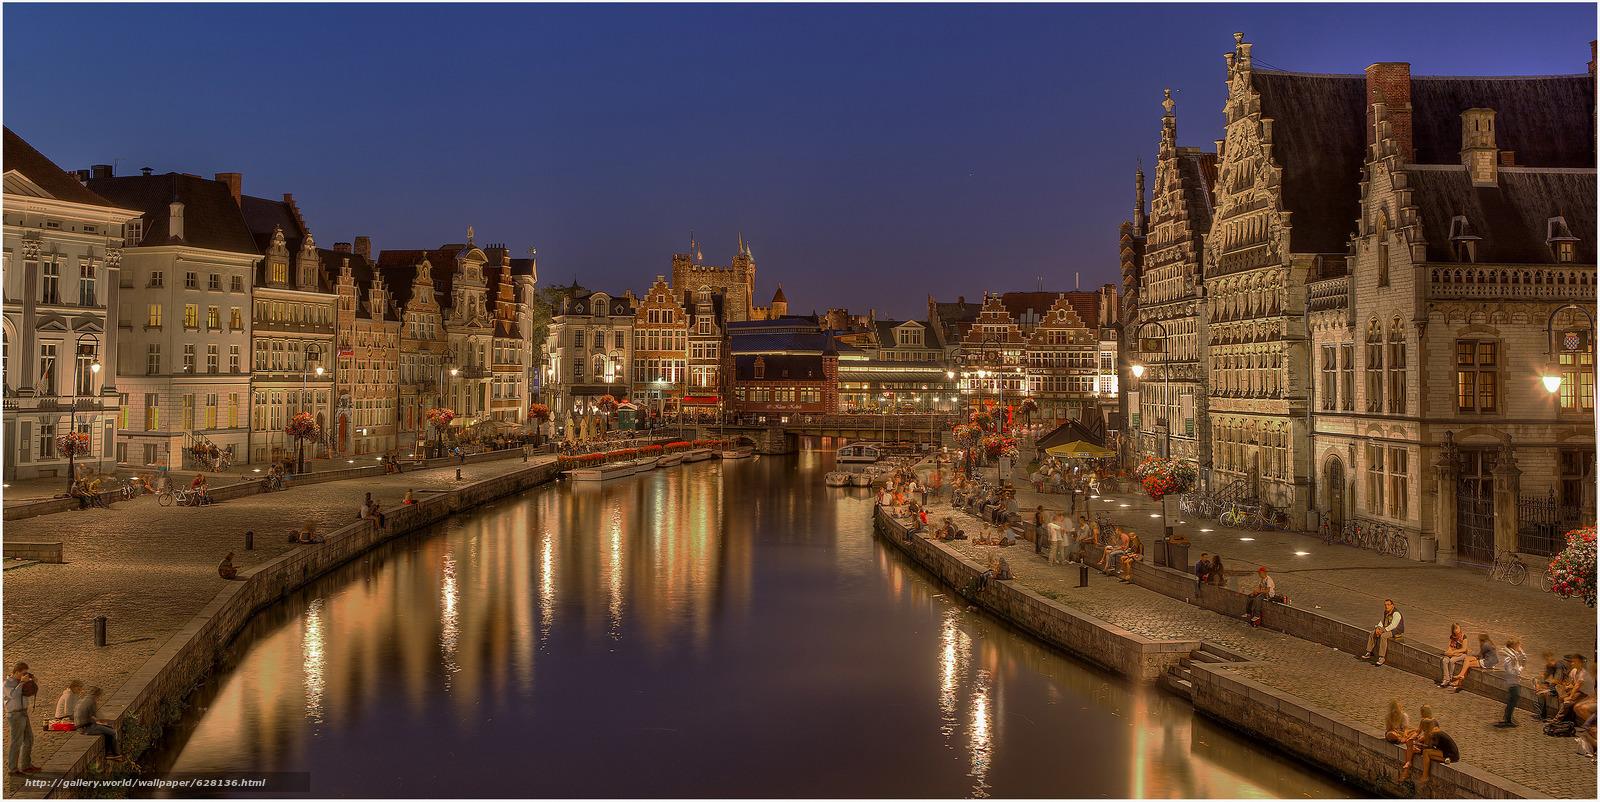 Гент, Gent, город во Фландрии, в Бельгии, Belgium